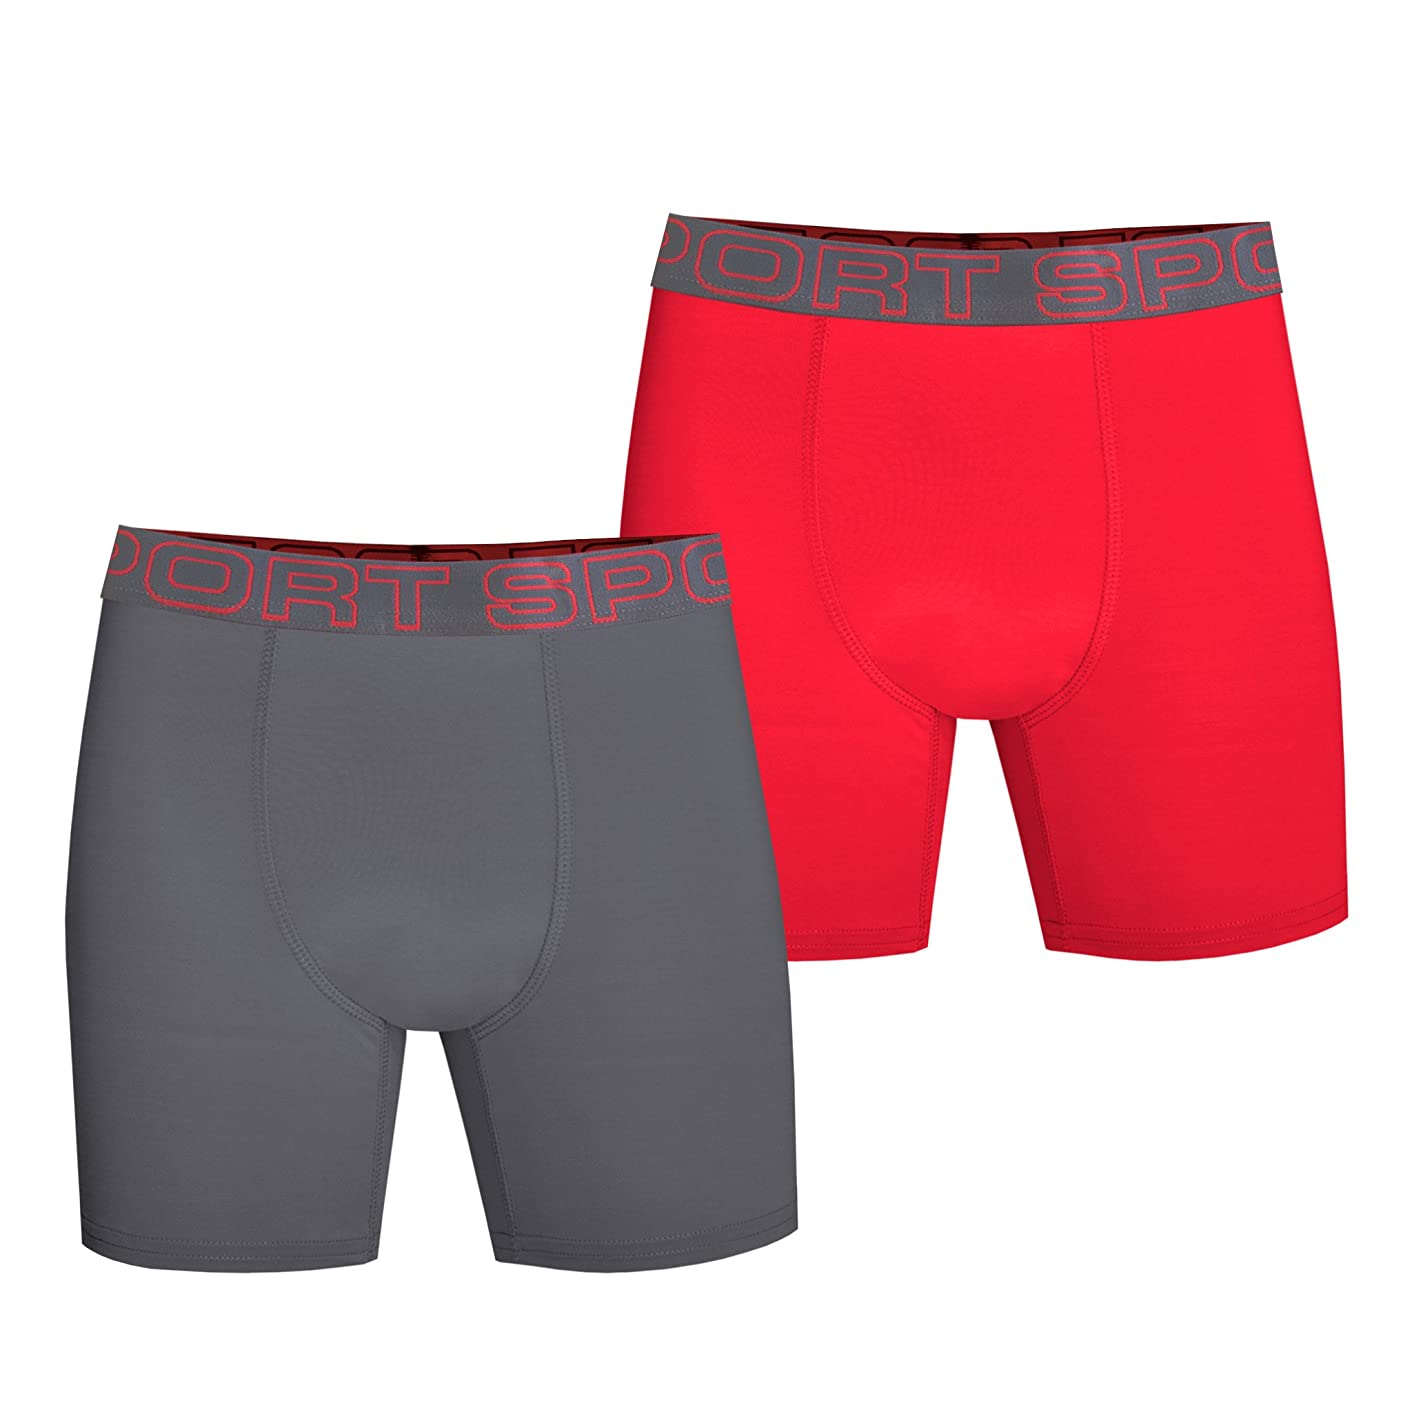 Watson's Boy's 2 Pack Pro Sport Performance Underwear, Multi, Large